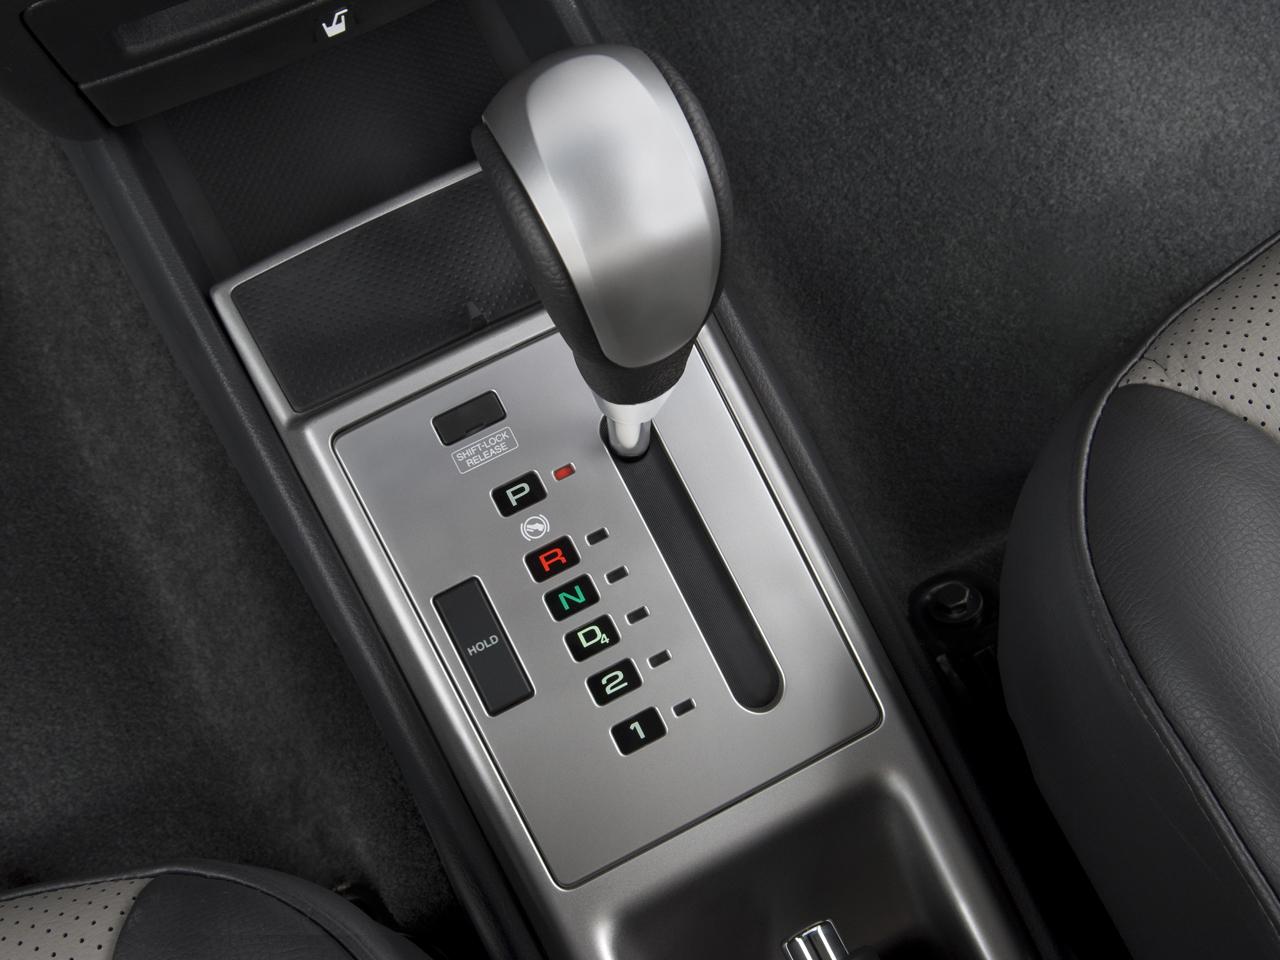 2009 Chevrolet Aveo5 Chevy 5 Door Hatchback Review